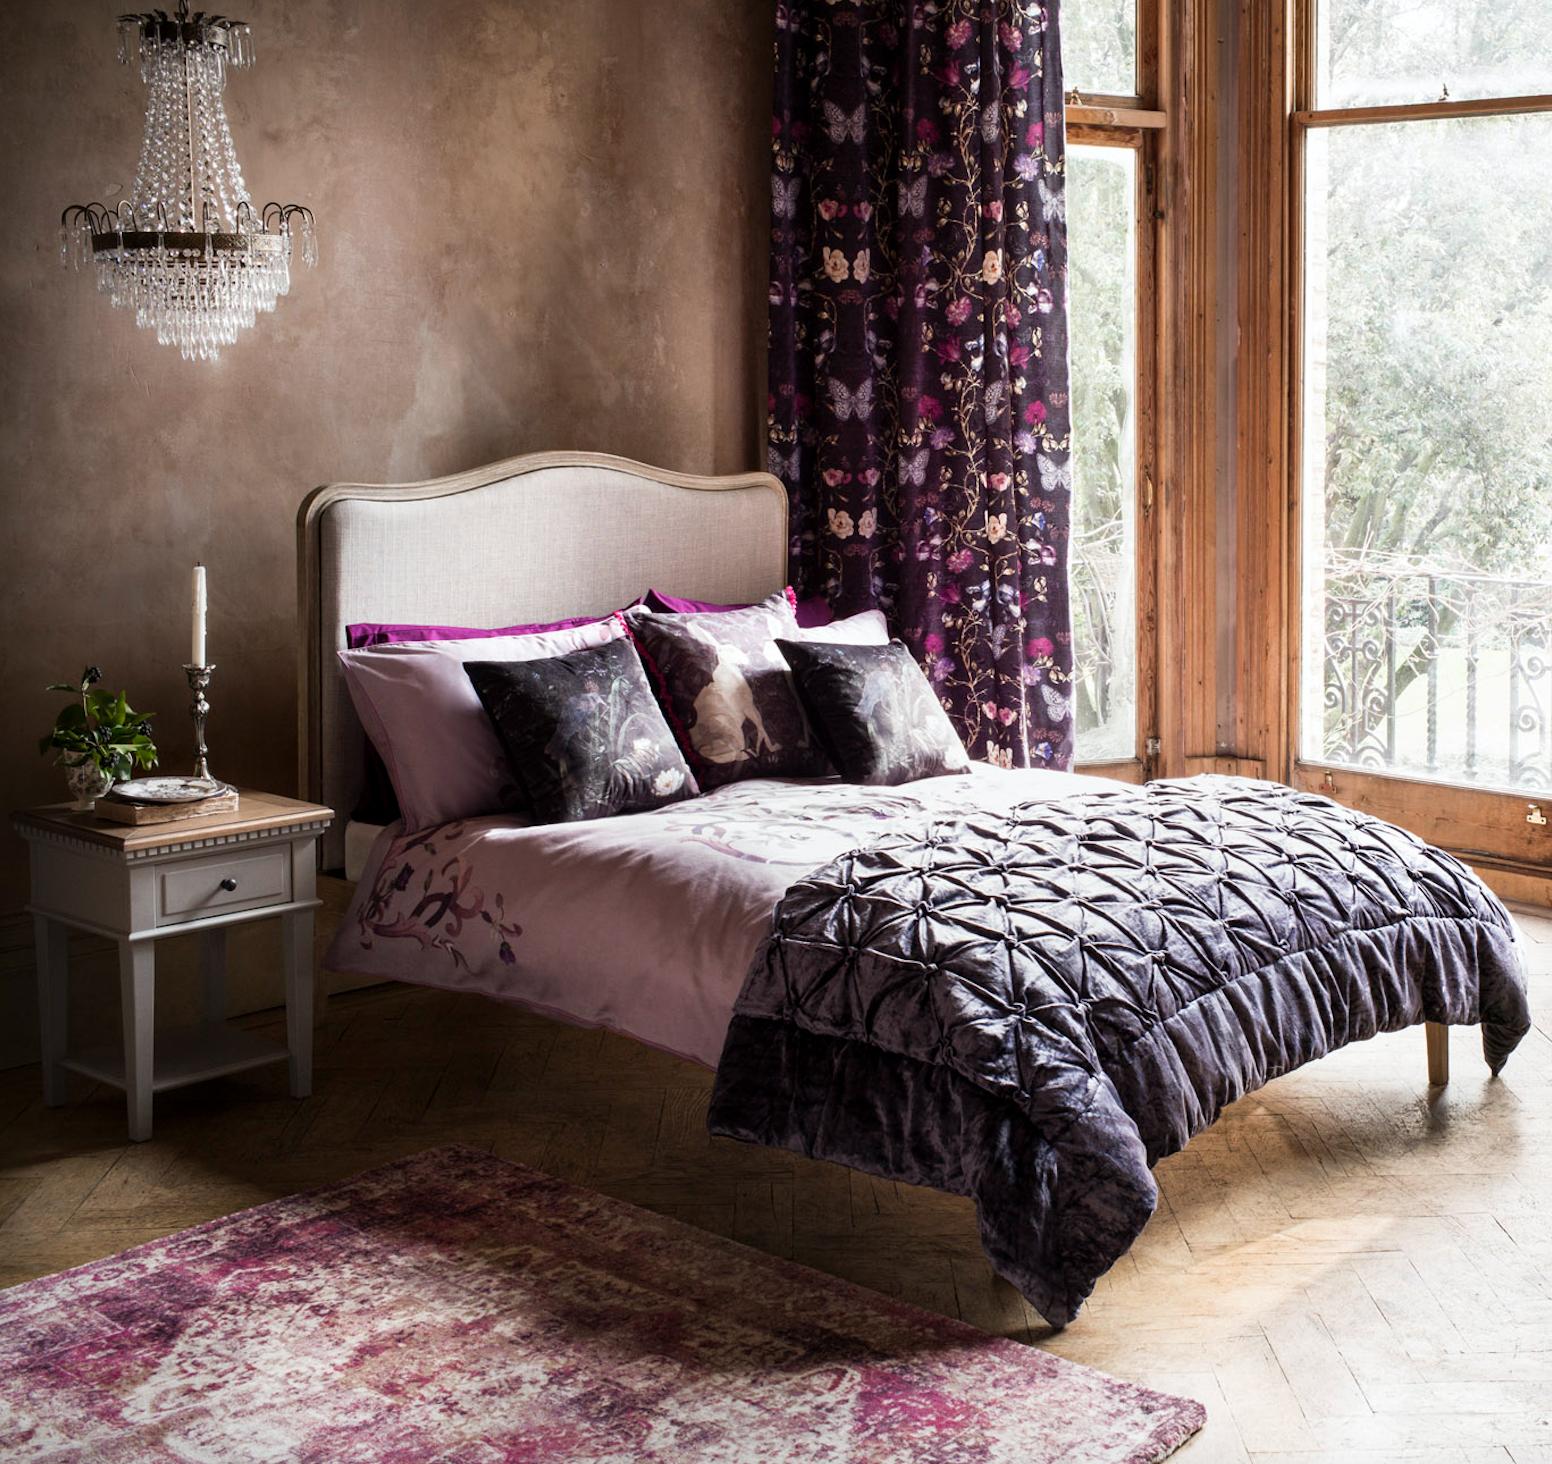 Romantic bedroom ideas decorating ideas interiors